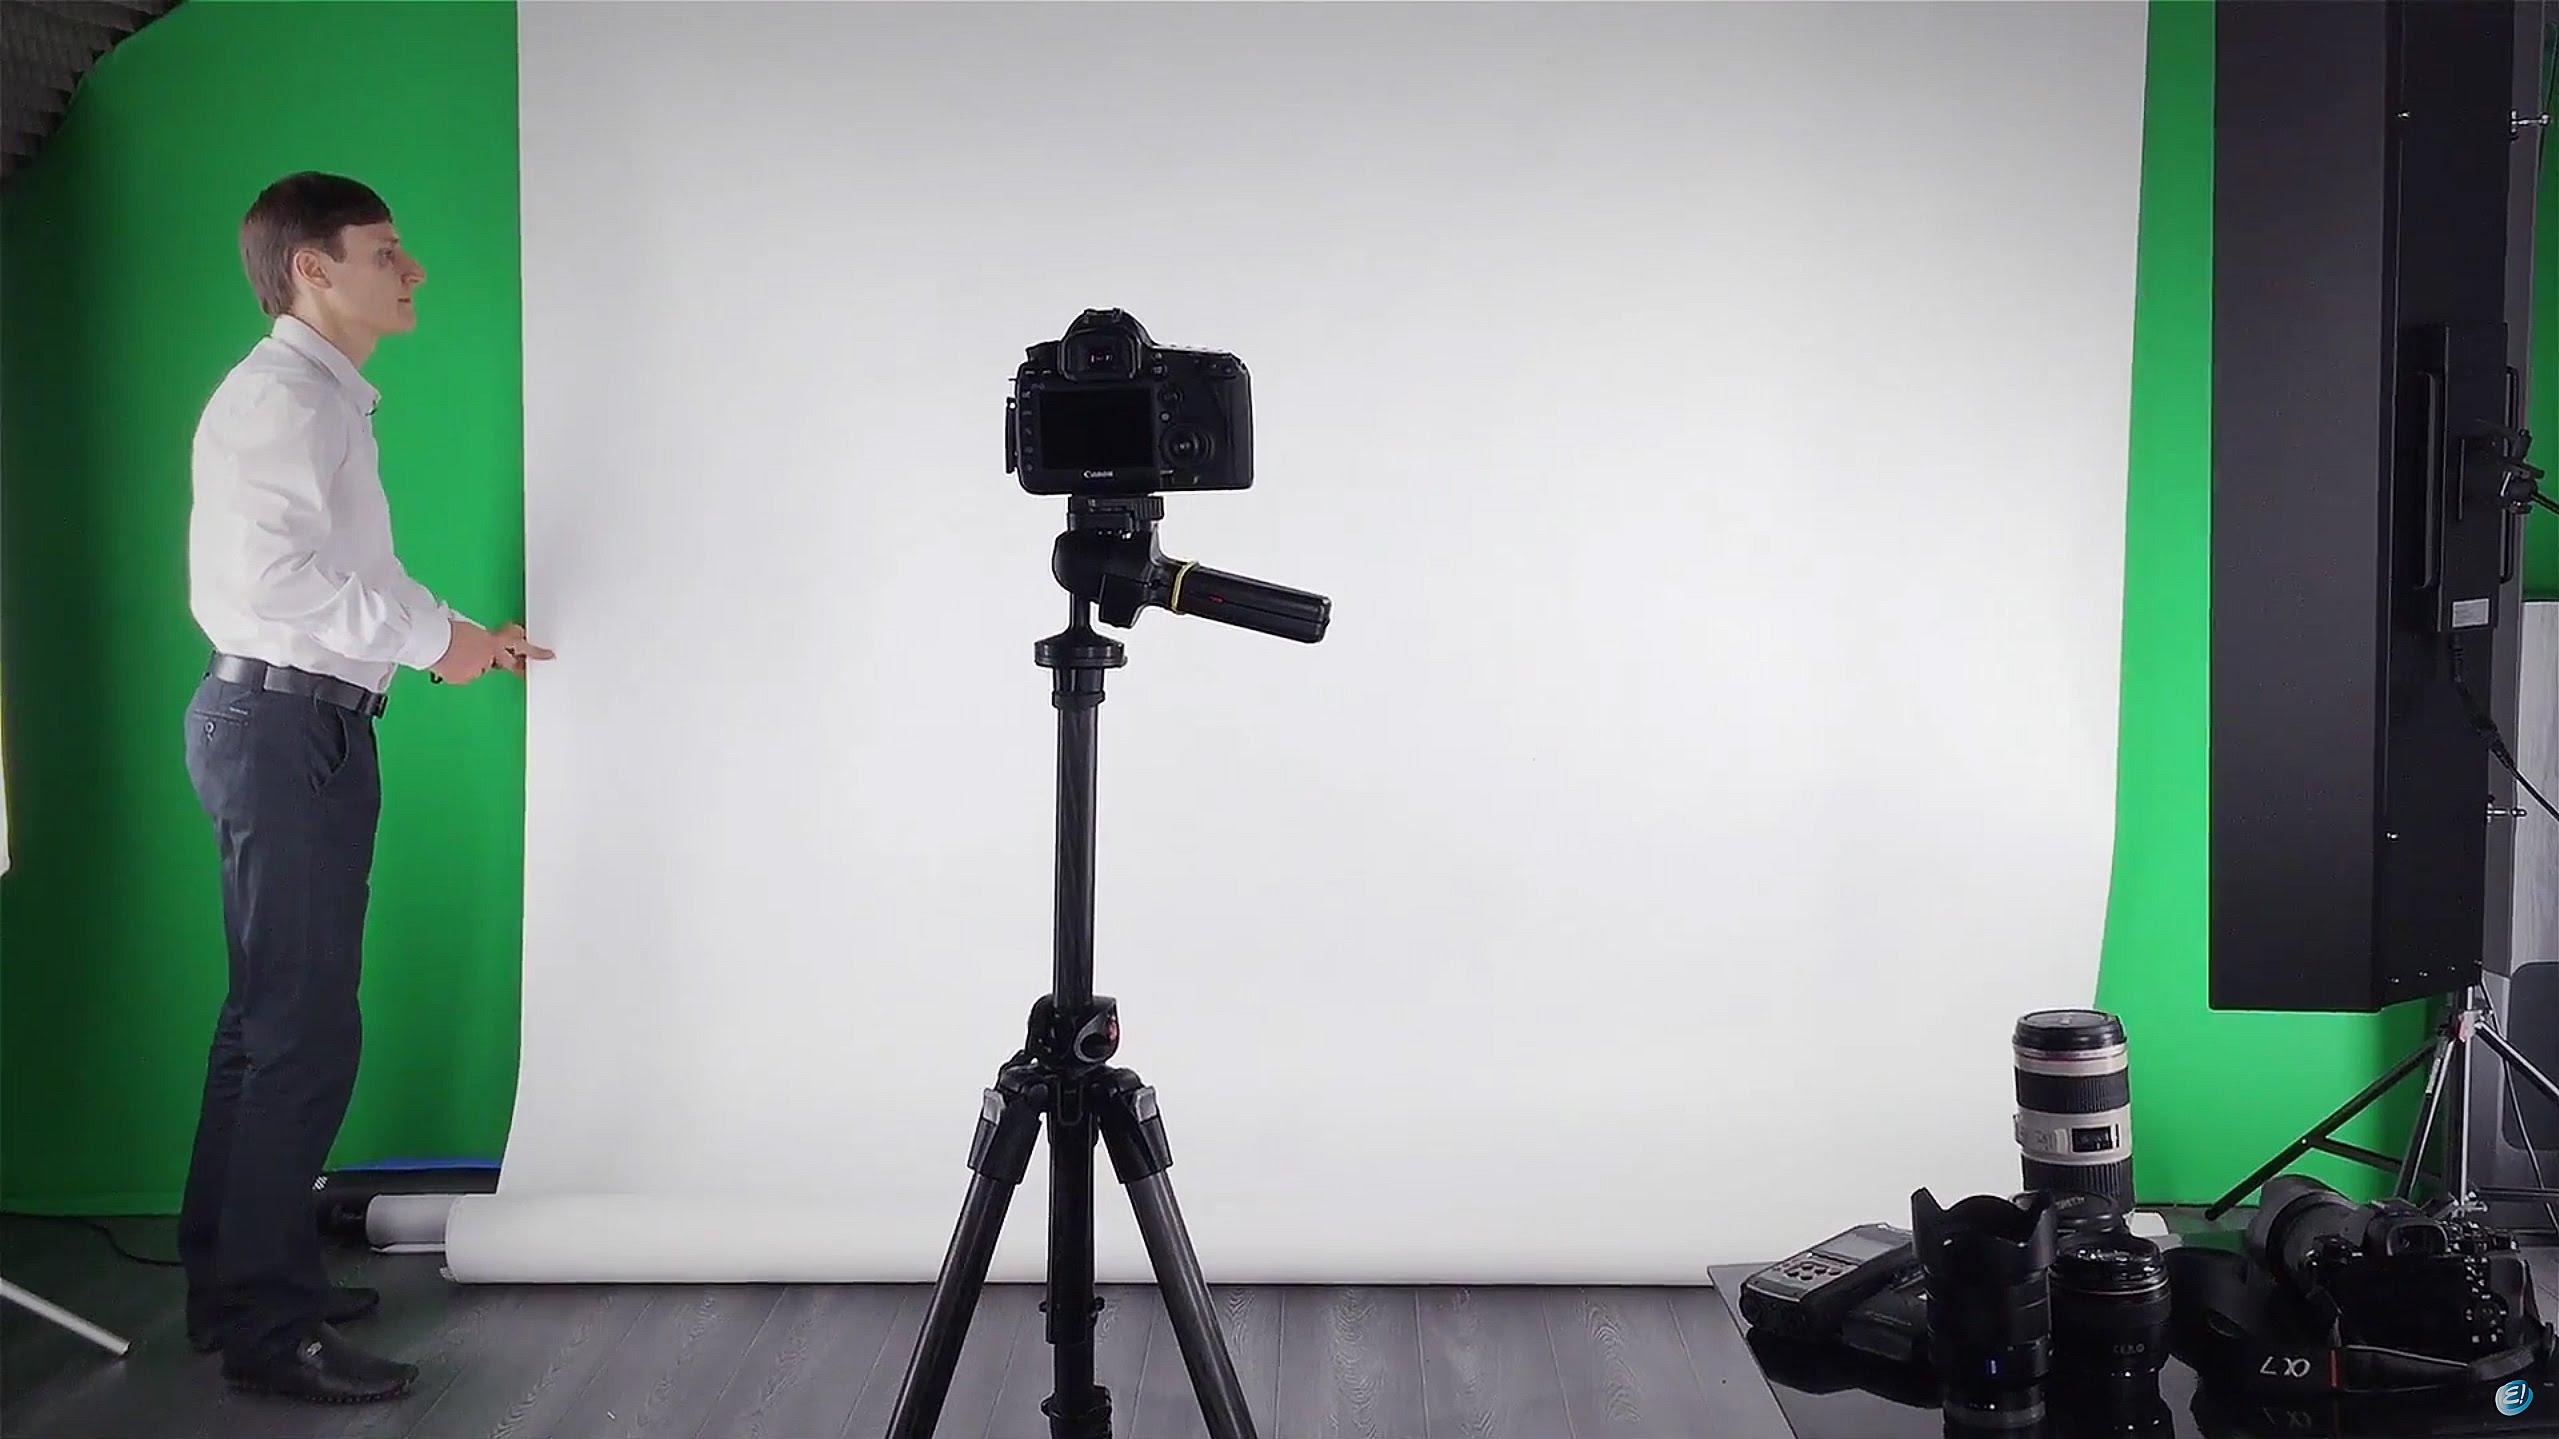 Полупрофессиональные и профессиональные условия и техника для съемки видео